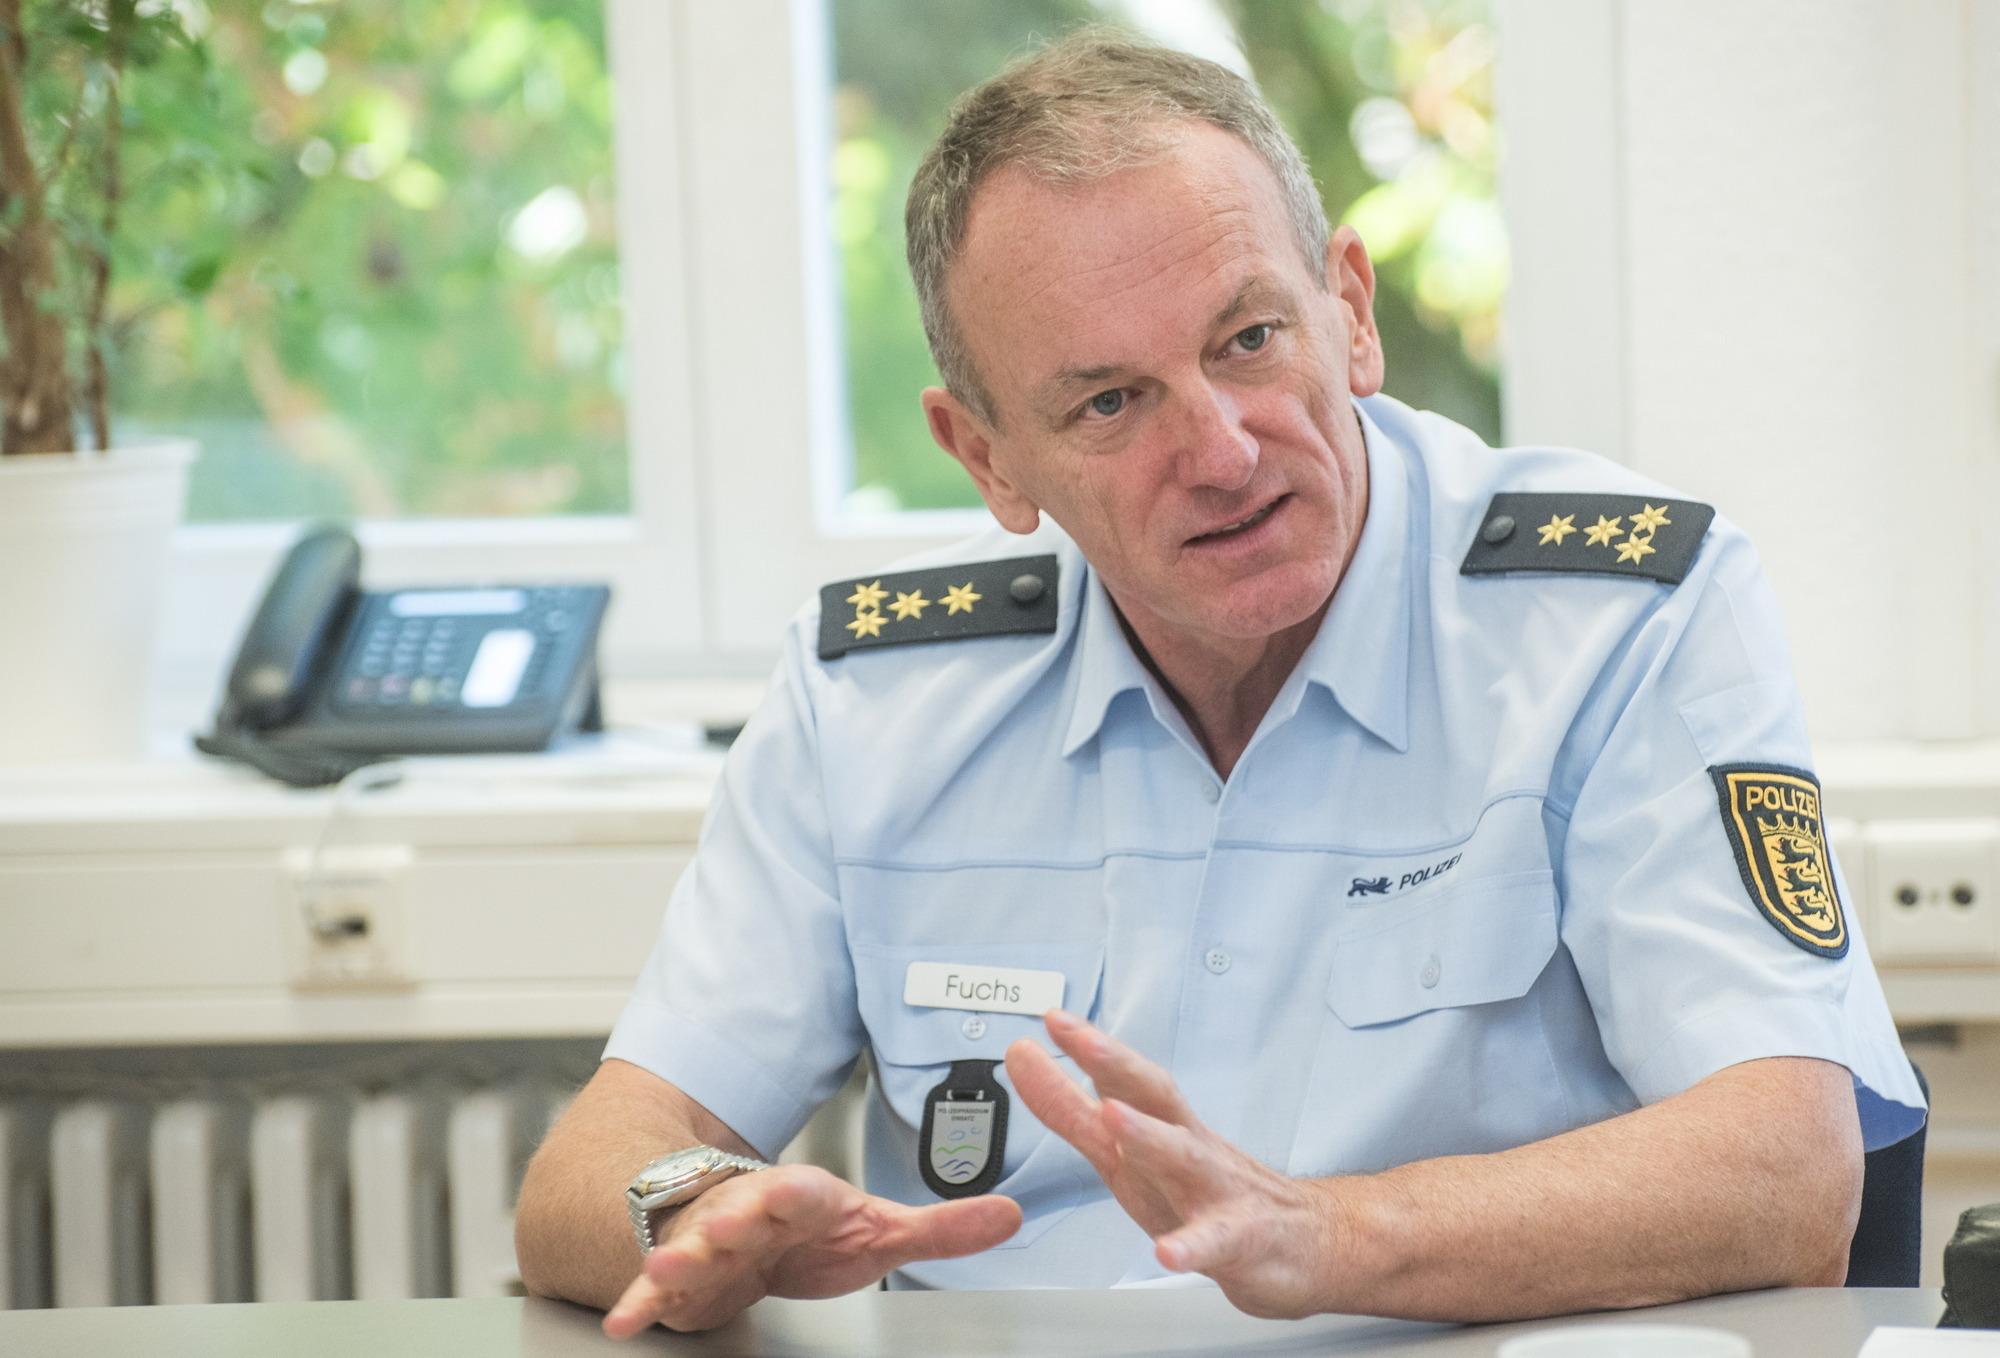 polizeischule göppingen